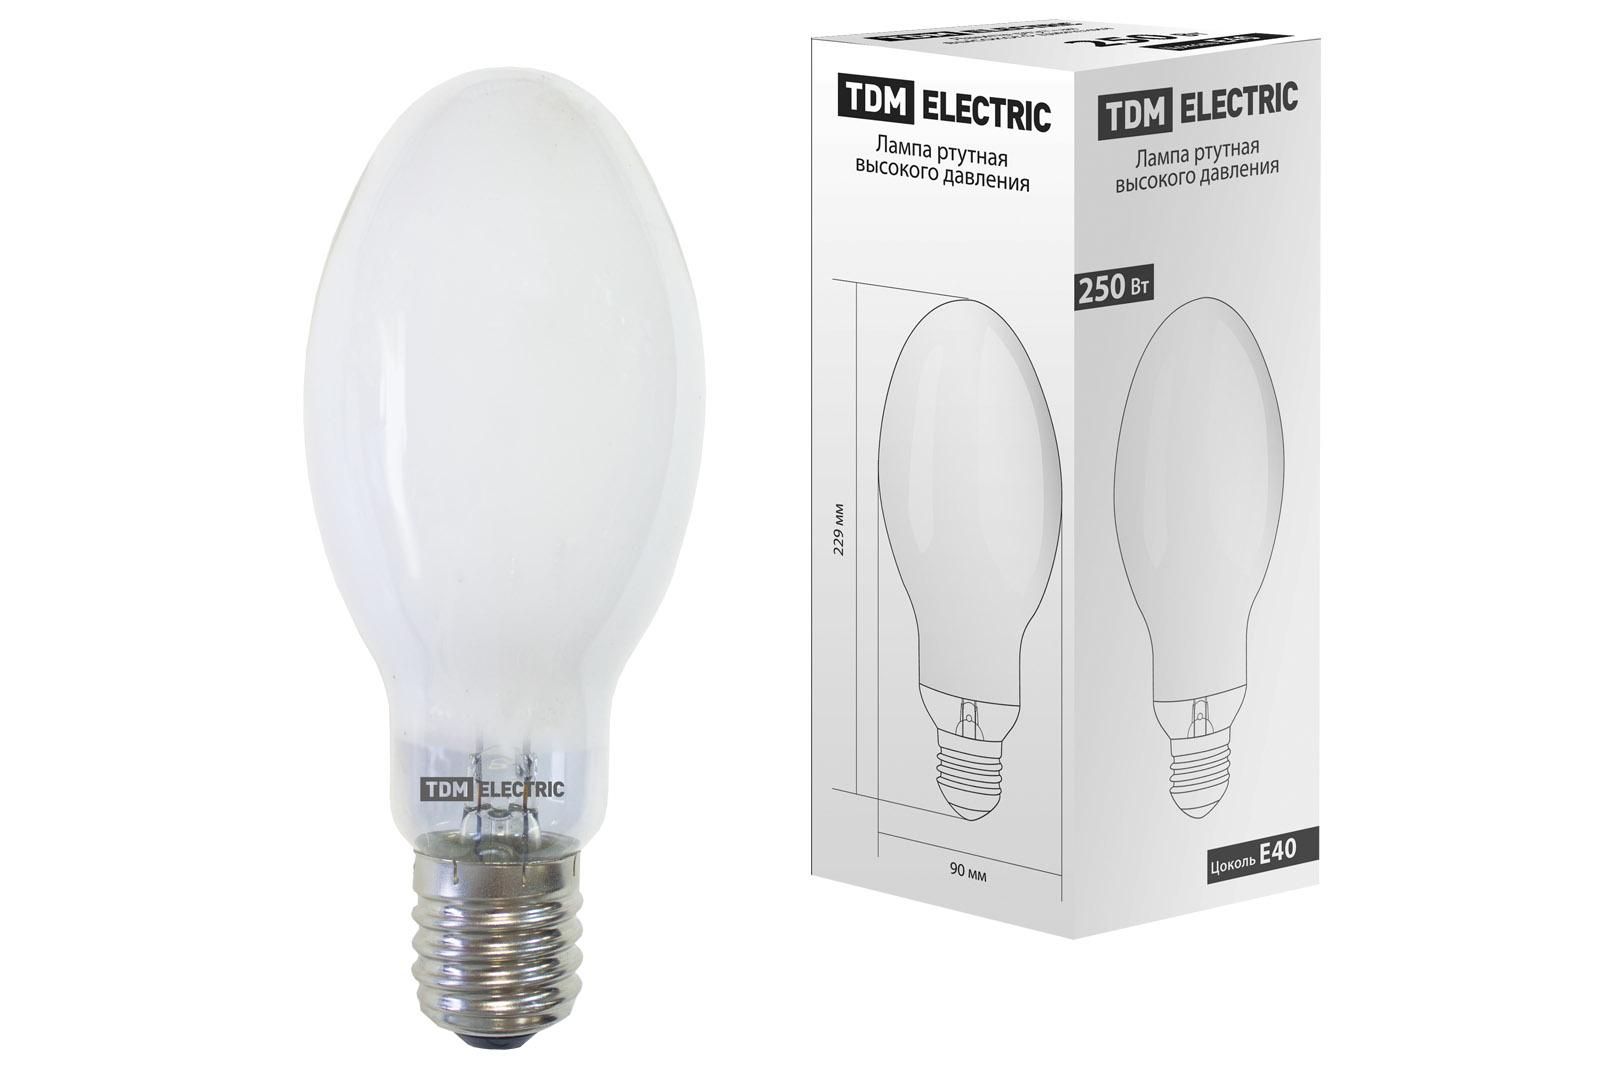 Лампа ртутная высокого давления ДРЛ 250 Вт Е40 TDM SQ0325-0009 TDM Electric